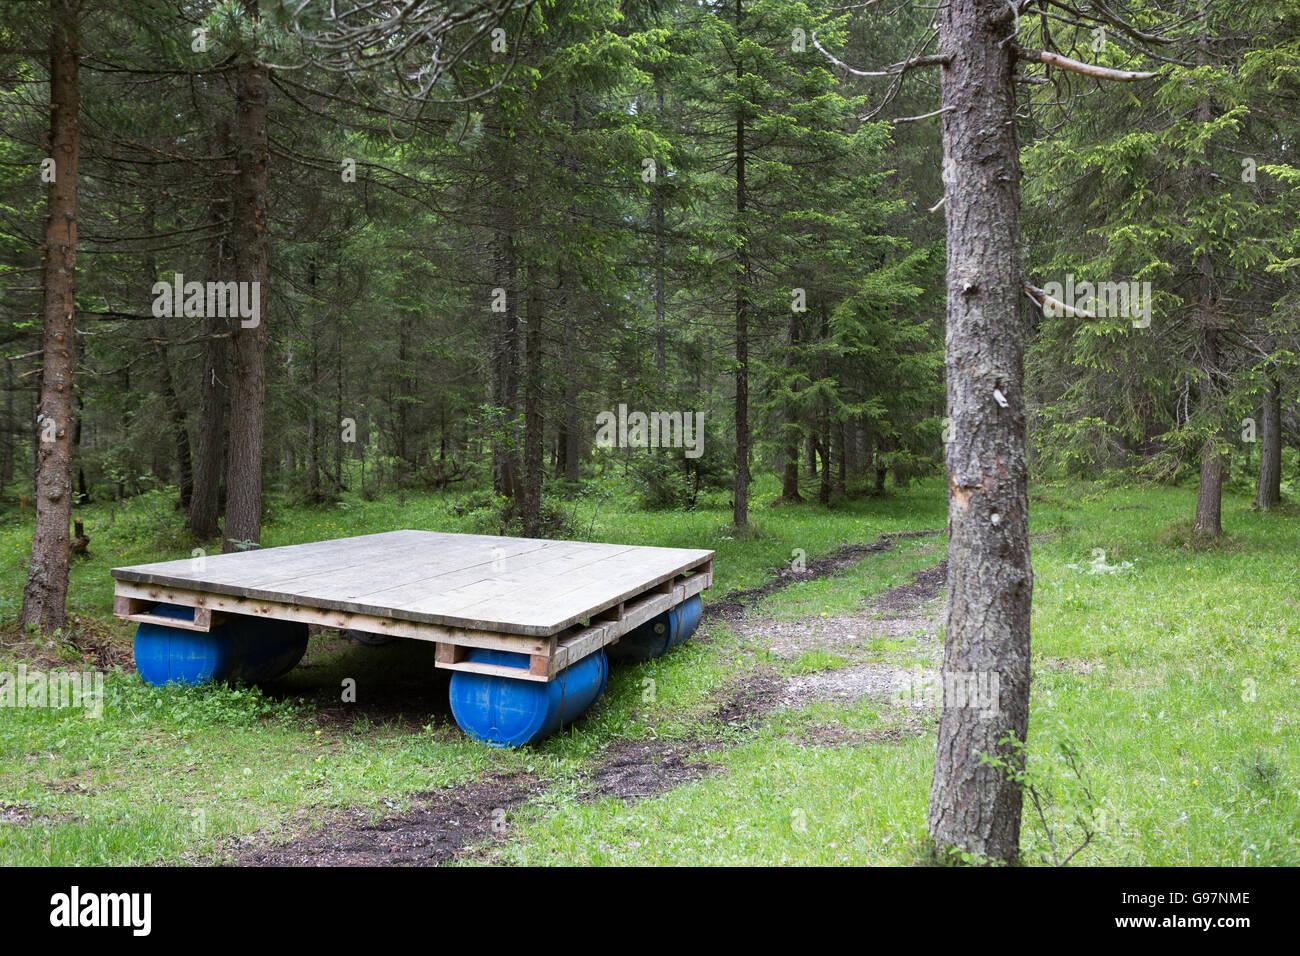 Una balsa abandonada en un bosque Imagen De Stock